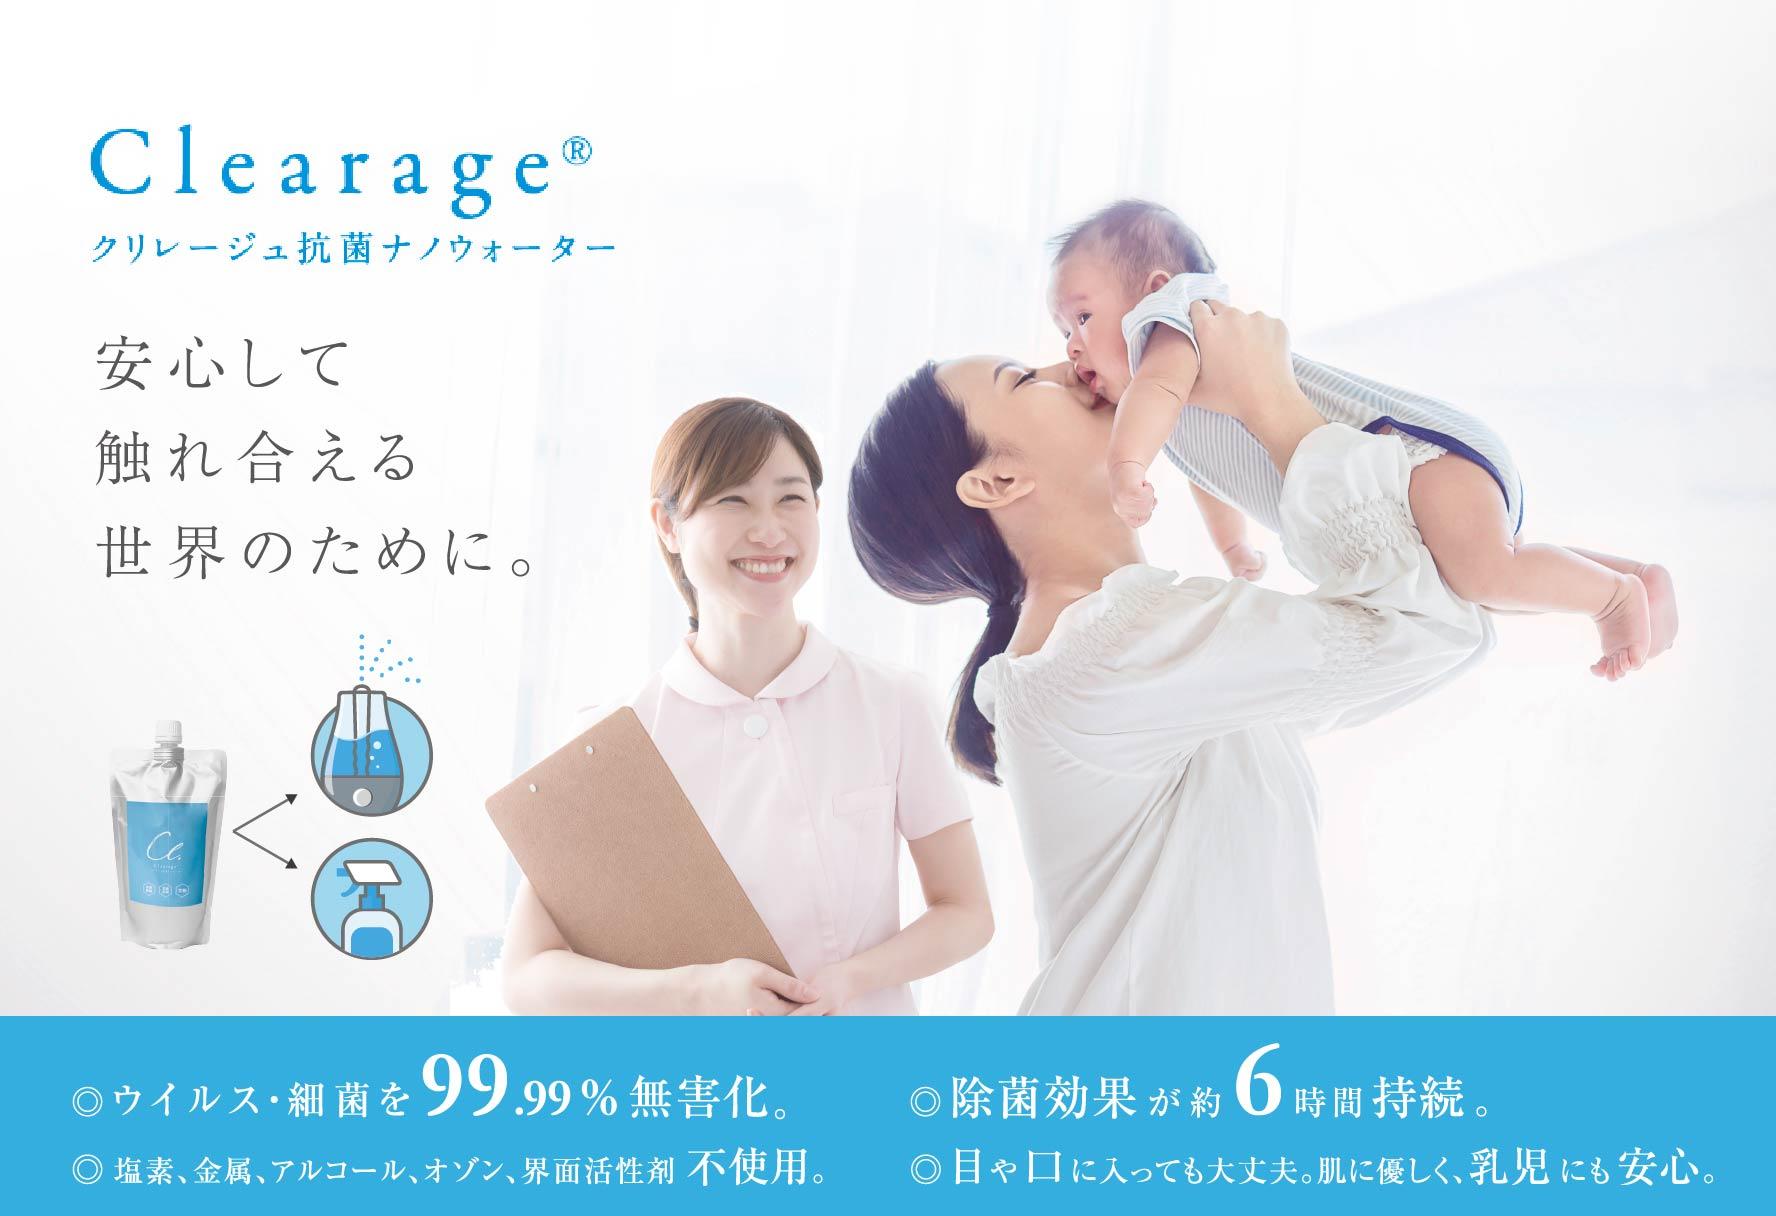 ウイルス細菌をう99.99%無害化。除菌効果が約6時間持続。塩素、金属、アルコール、界面活性剤不使用。目や口に入っても大丈夫。肌に優しく、乳児にも安心。